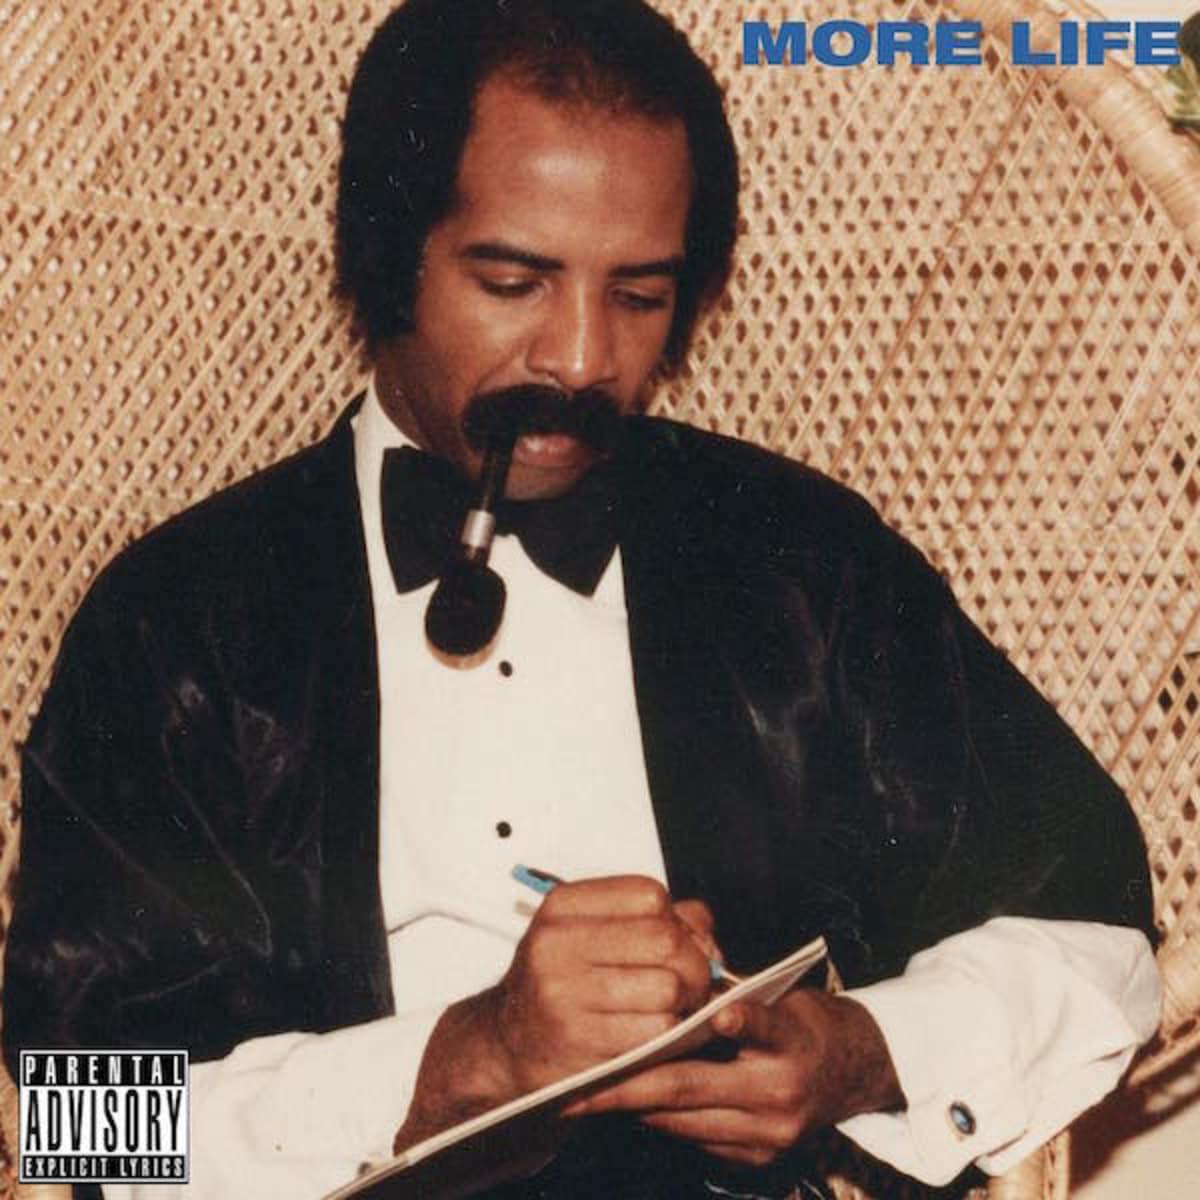 drake-more-life-cover.jpg